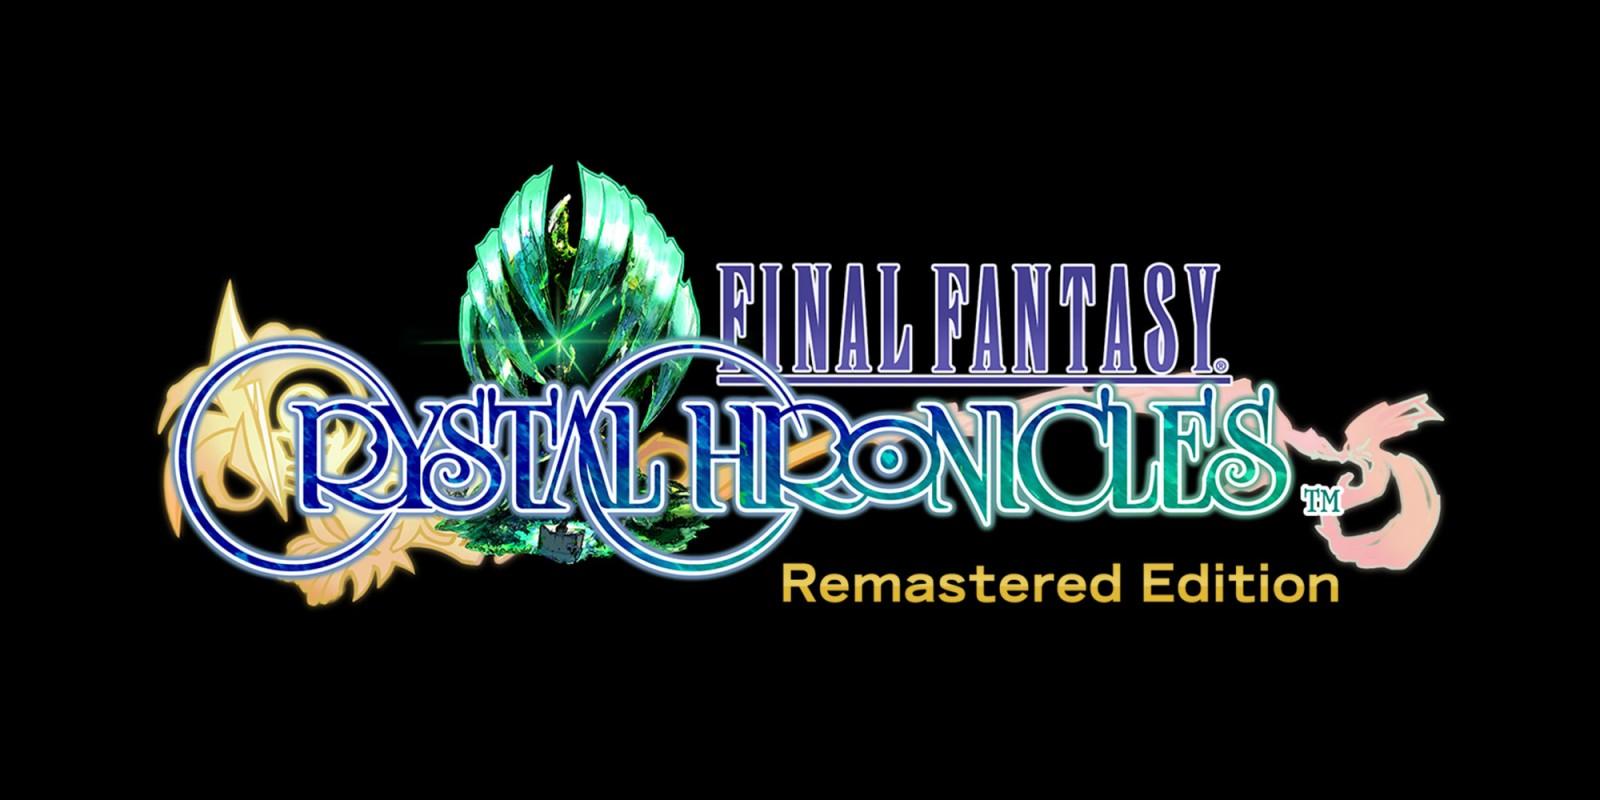 تاریخ انتشار نسخهی بازسازی شدهی بازی Final Fantasy Crystal Chronicles مشخص شد